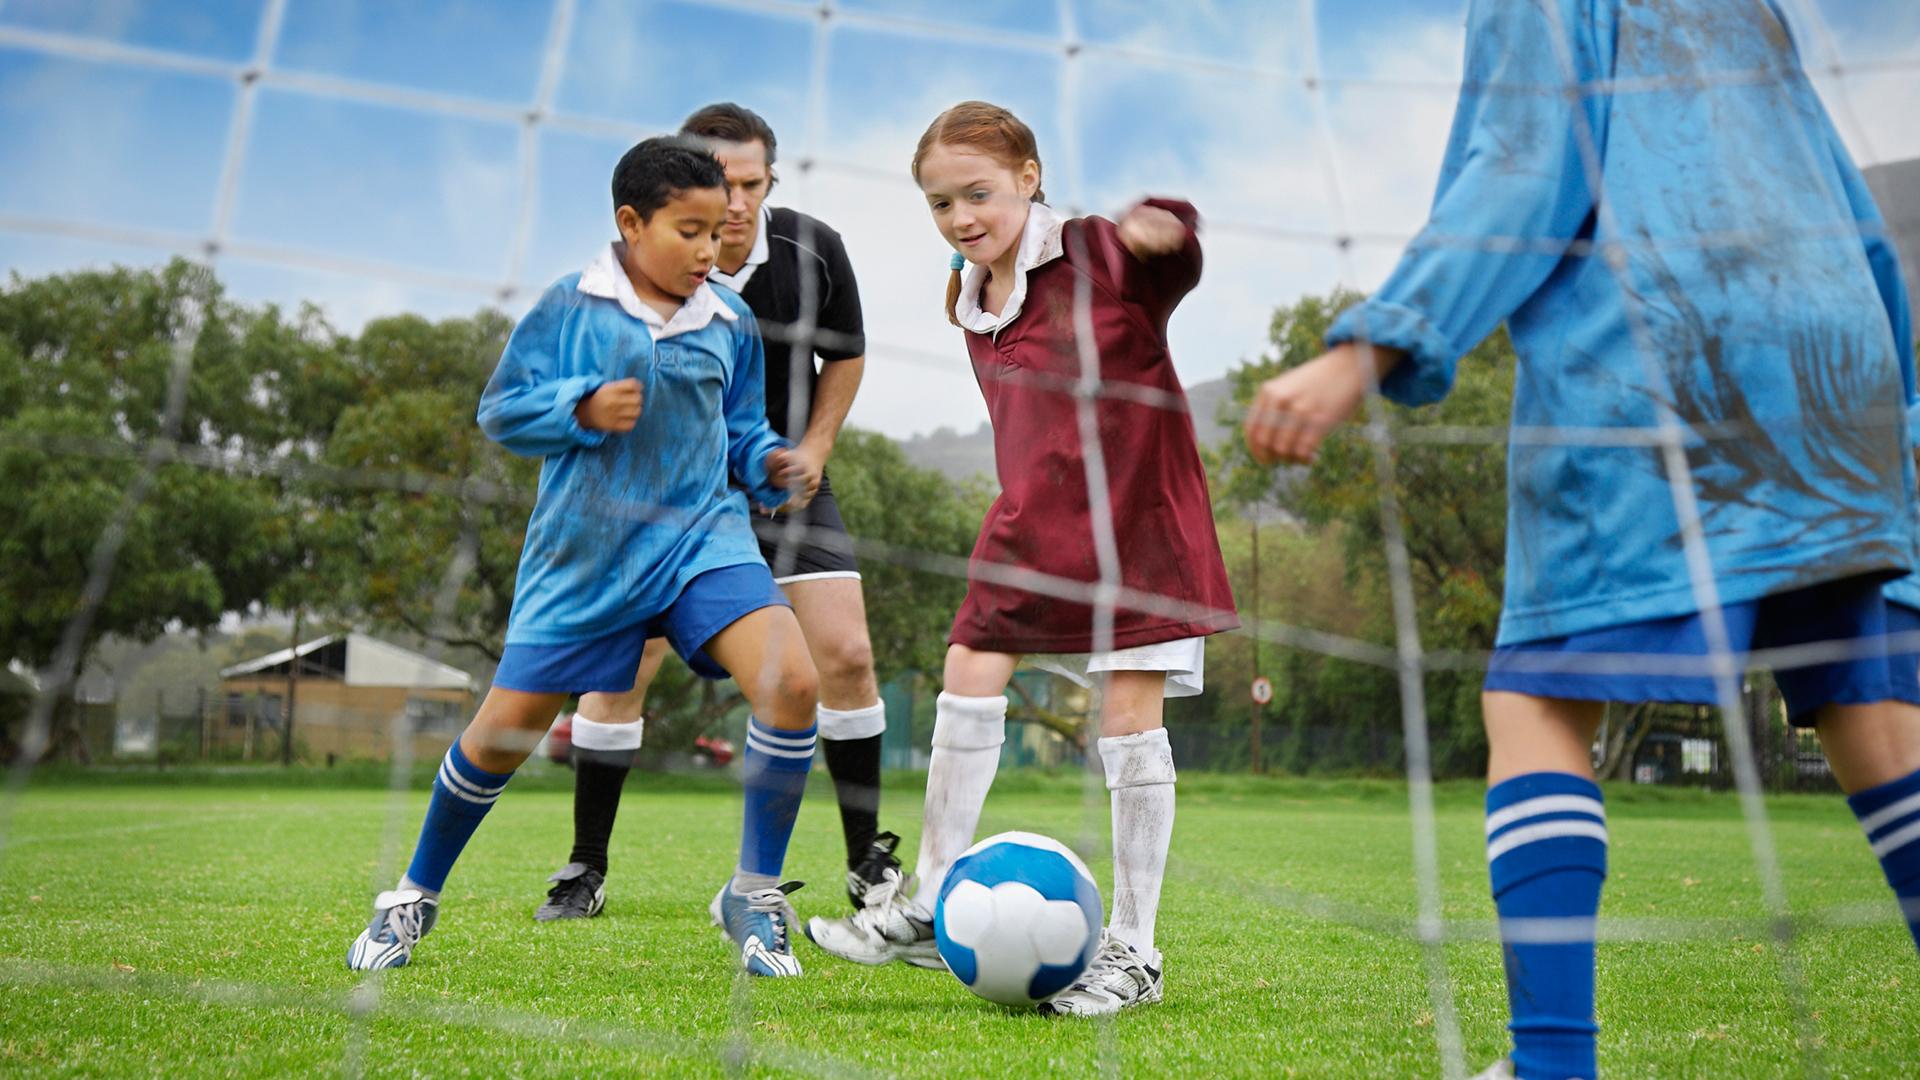 Softball Wallpapers For Kids: Zapatillas Para Niños, Supera La Vuelta Al Cole